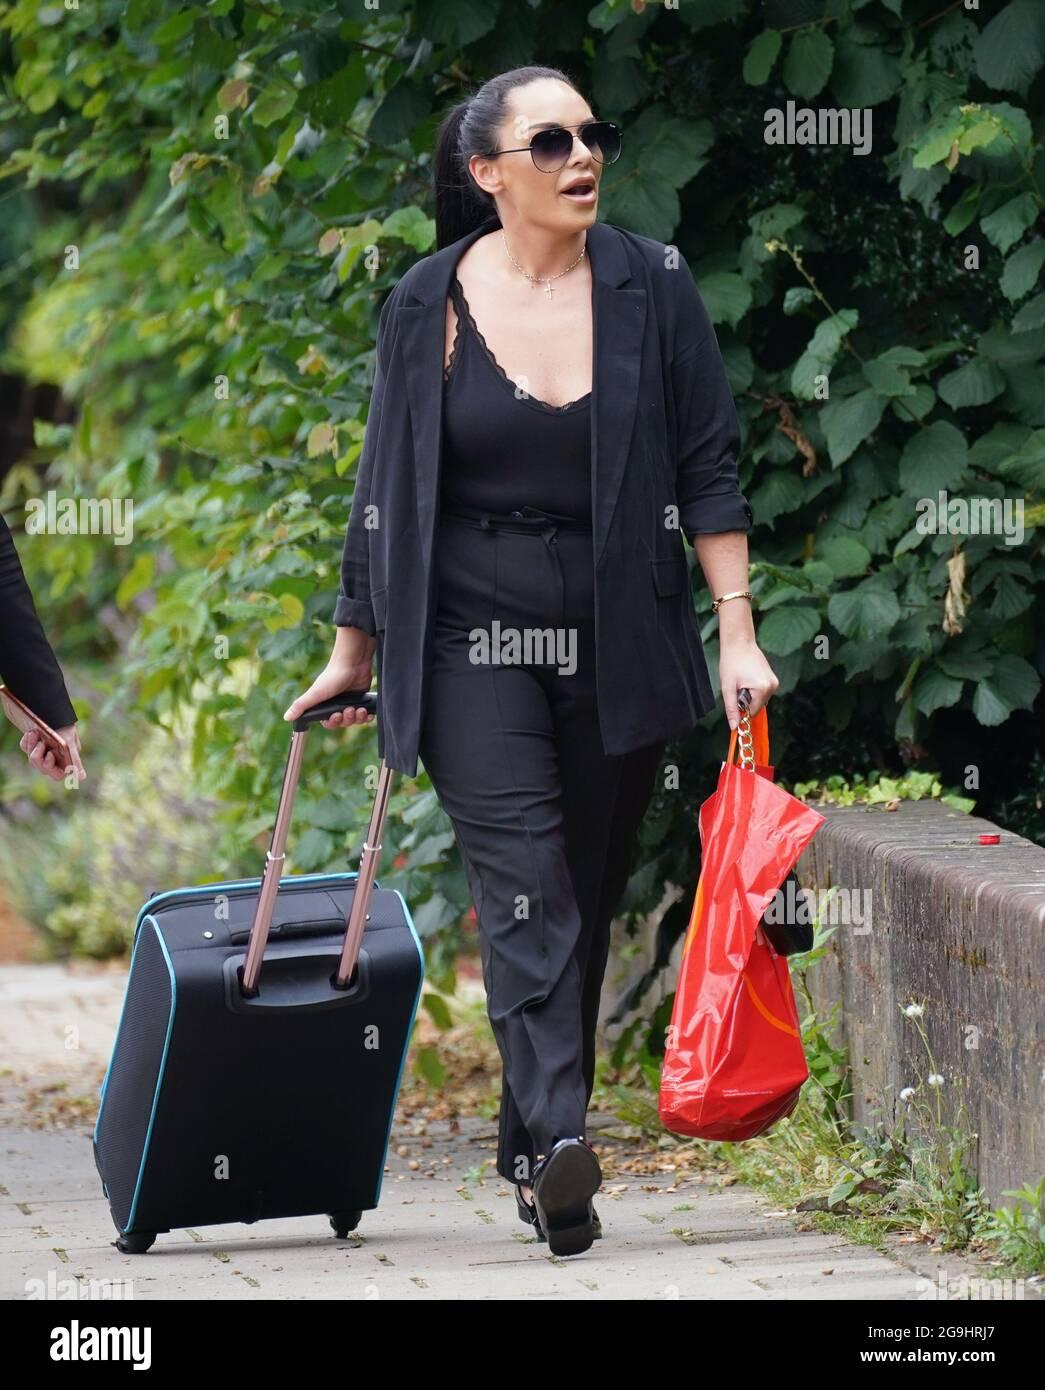 Tara Hanlon, 30 ans, arrive au tribunal de la Couronne d'Isleworth, dans l'ouest de Londres, où elle a été emprisonnée pendant deux ans et 10 mois après avoir plaidé coupable à plus de 5 millions de livres sterling d'infractions de blanchiment d'argent. Mme Hanlon a été arrêtée avec cinq valises d'argent à l'aéroport d'Heathrow lors d'un vol à destination de Dubaï le 3 octobre 2020. Date de la photo: Lundi 26 juillet 2021. Banque D'Images